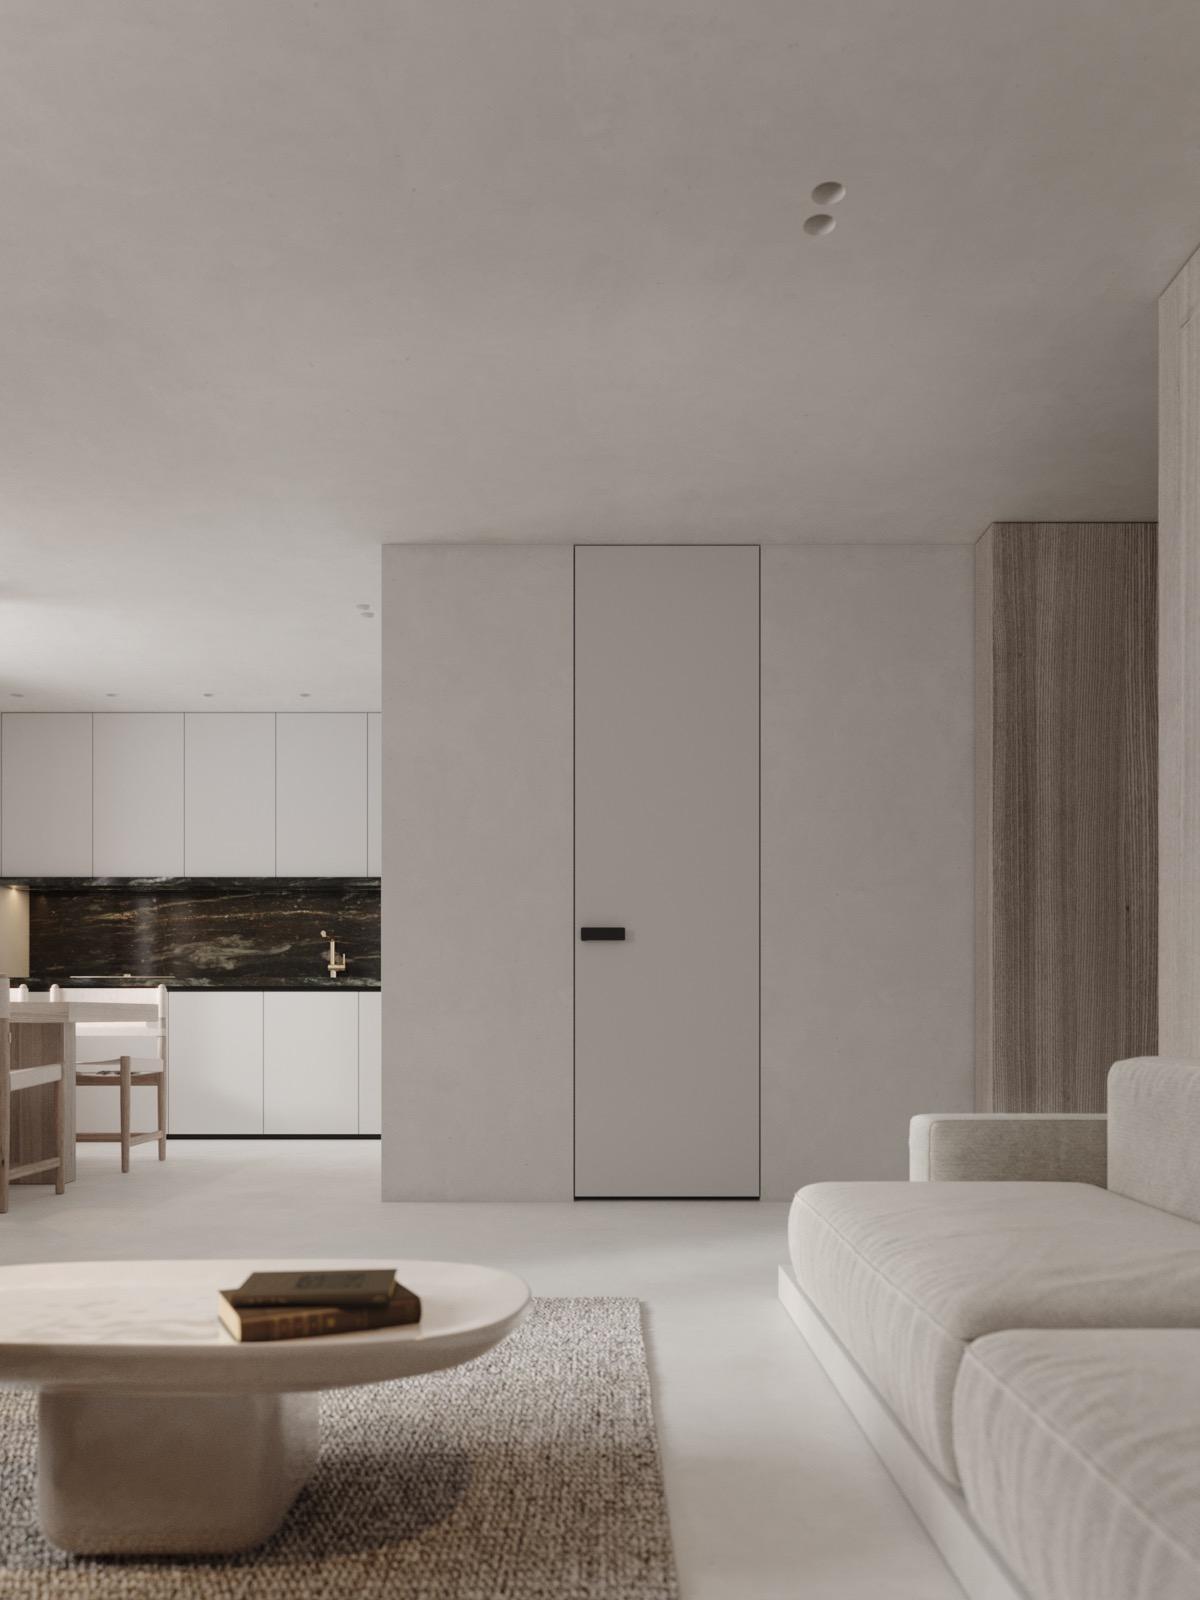 Modern Minimalist Interior Design: Neutral, Modern-Minimalist Interior Design: 4 Examples